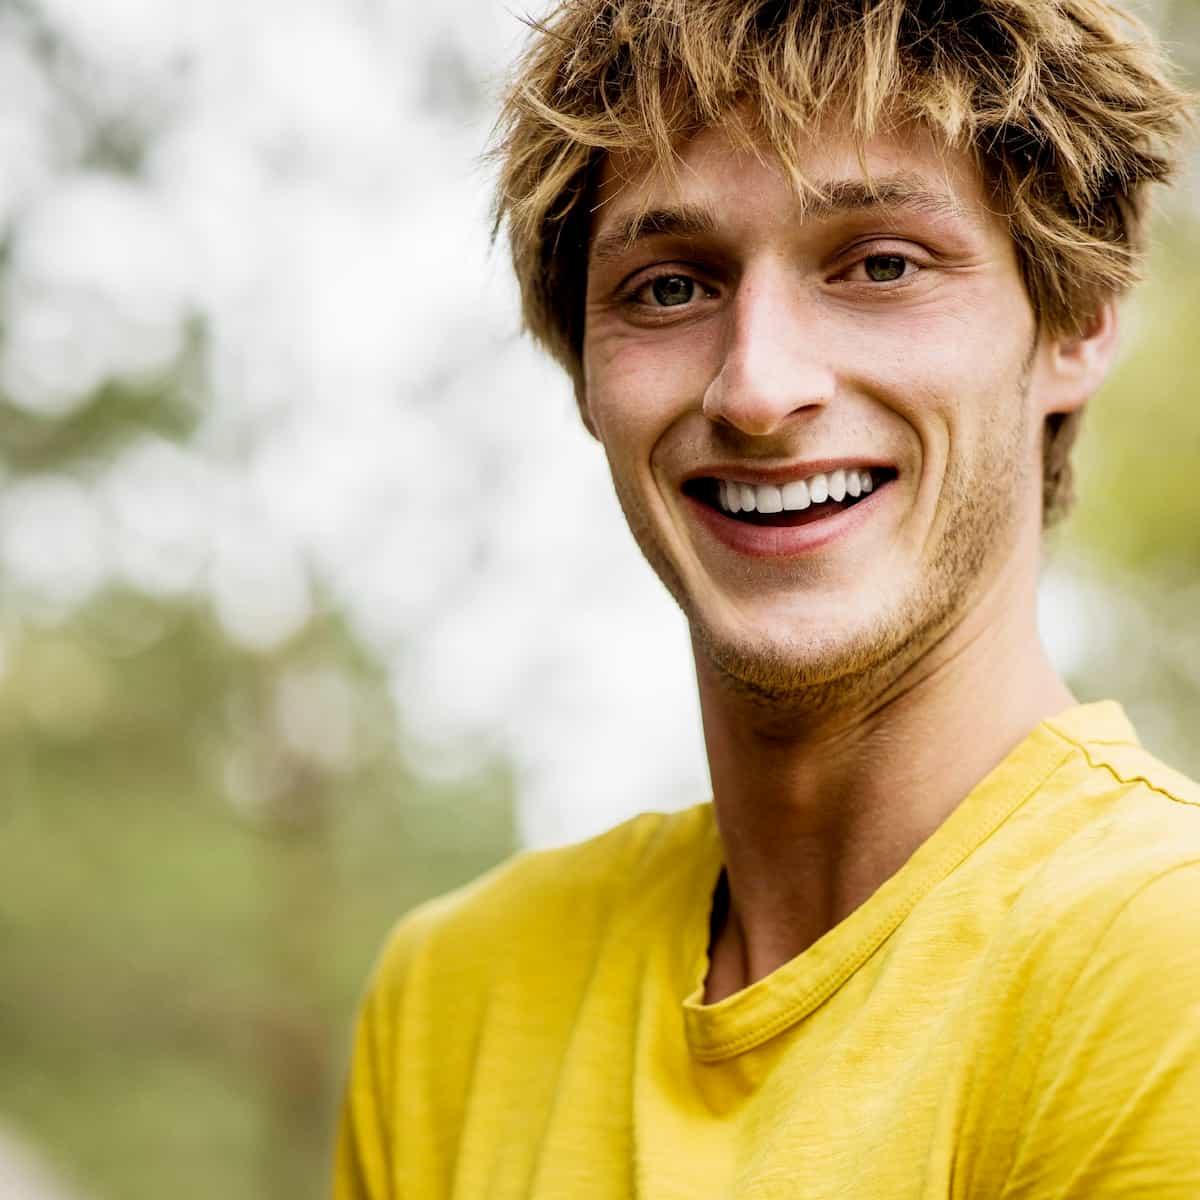 Moritz Hans bei Let's dance 2020 als Kandidat dabei